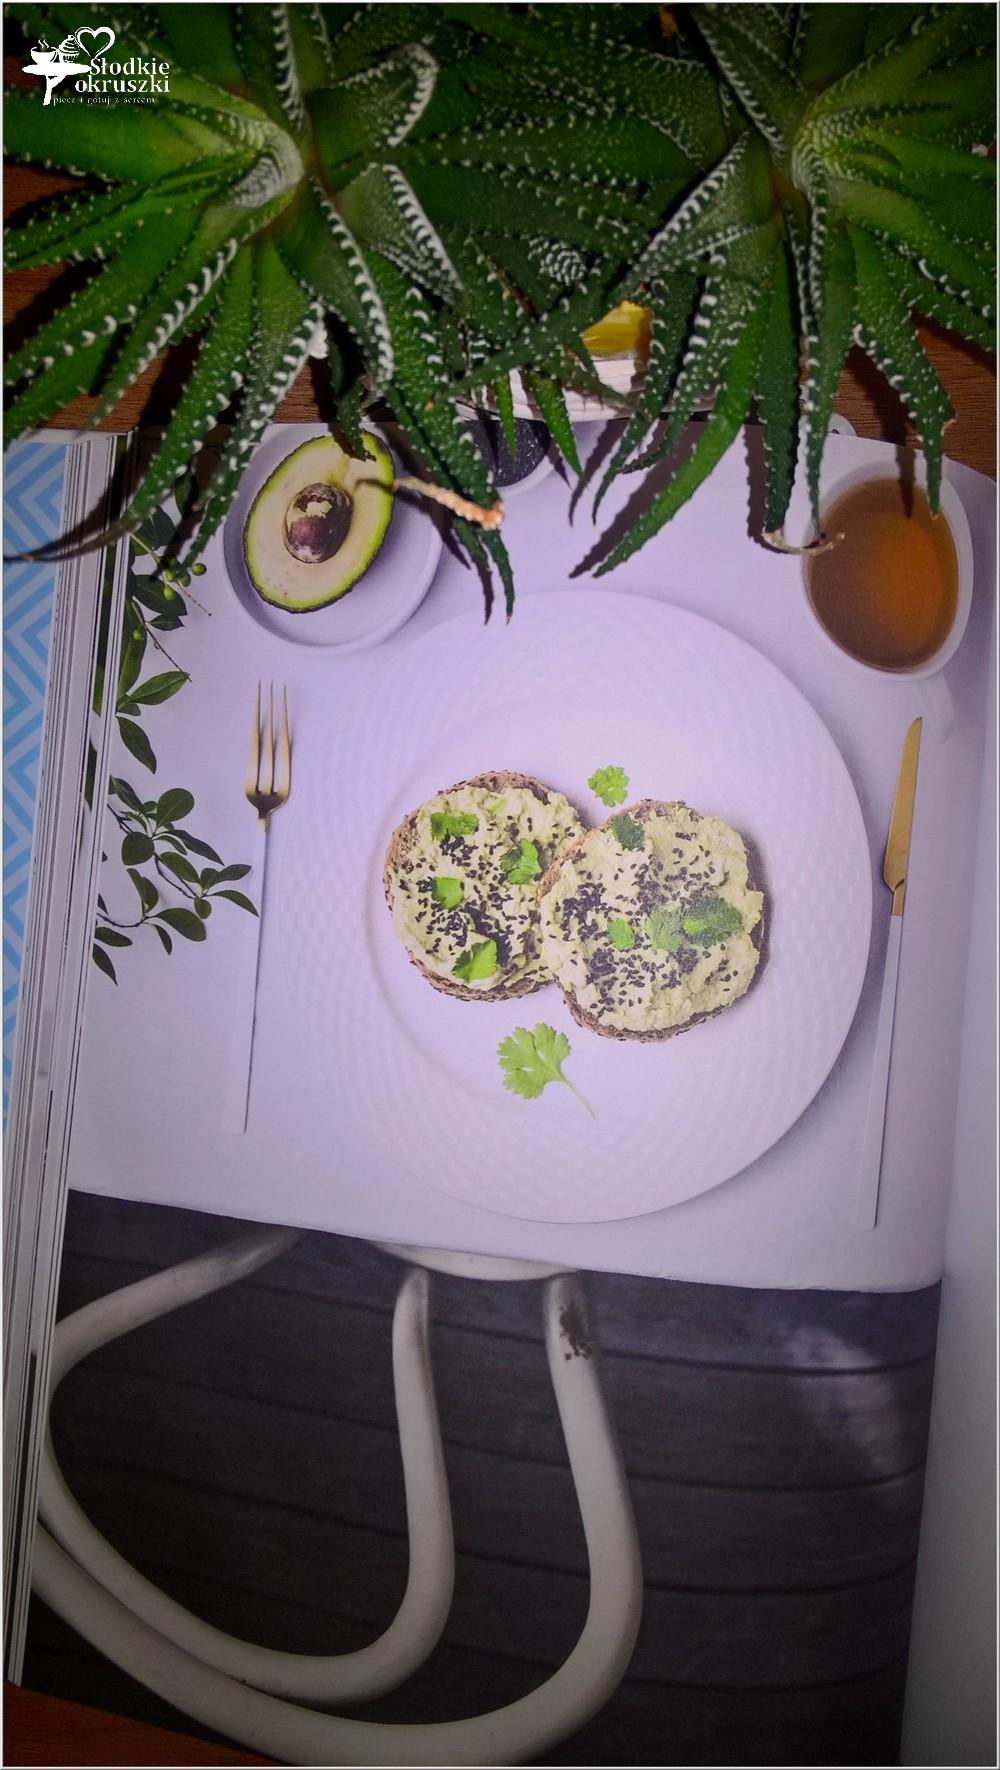 Pyszne poranki. 101 przepisów na smaczne i zdrowe śniadania (6)